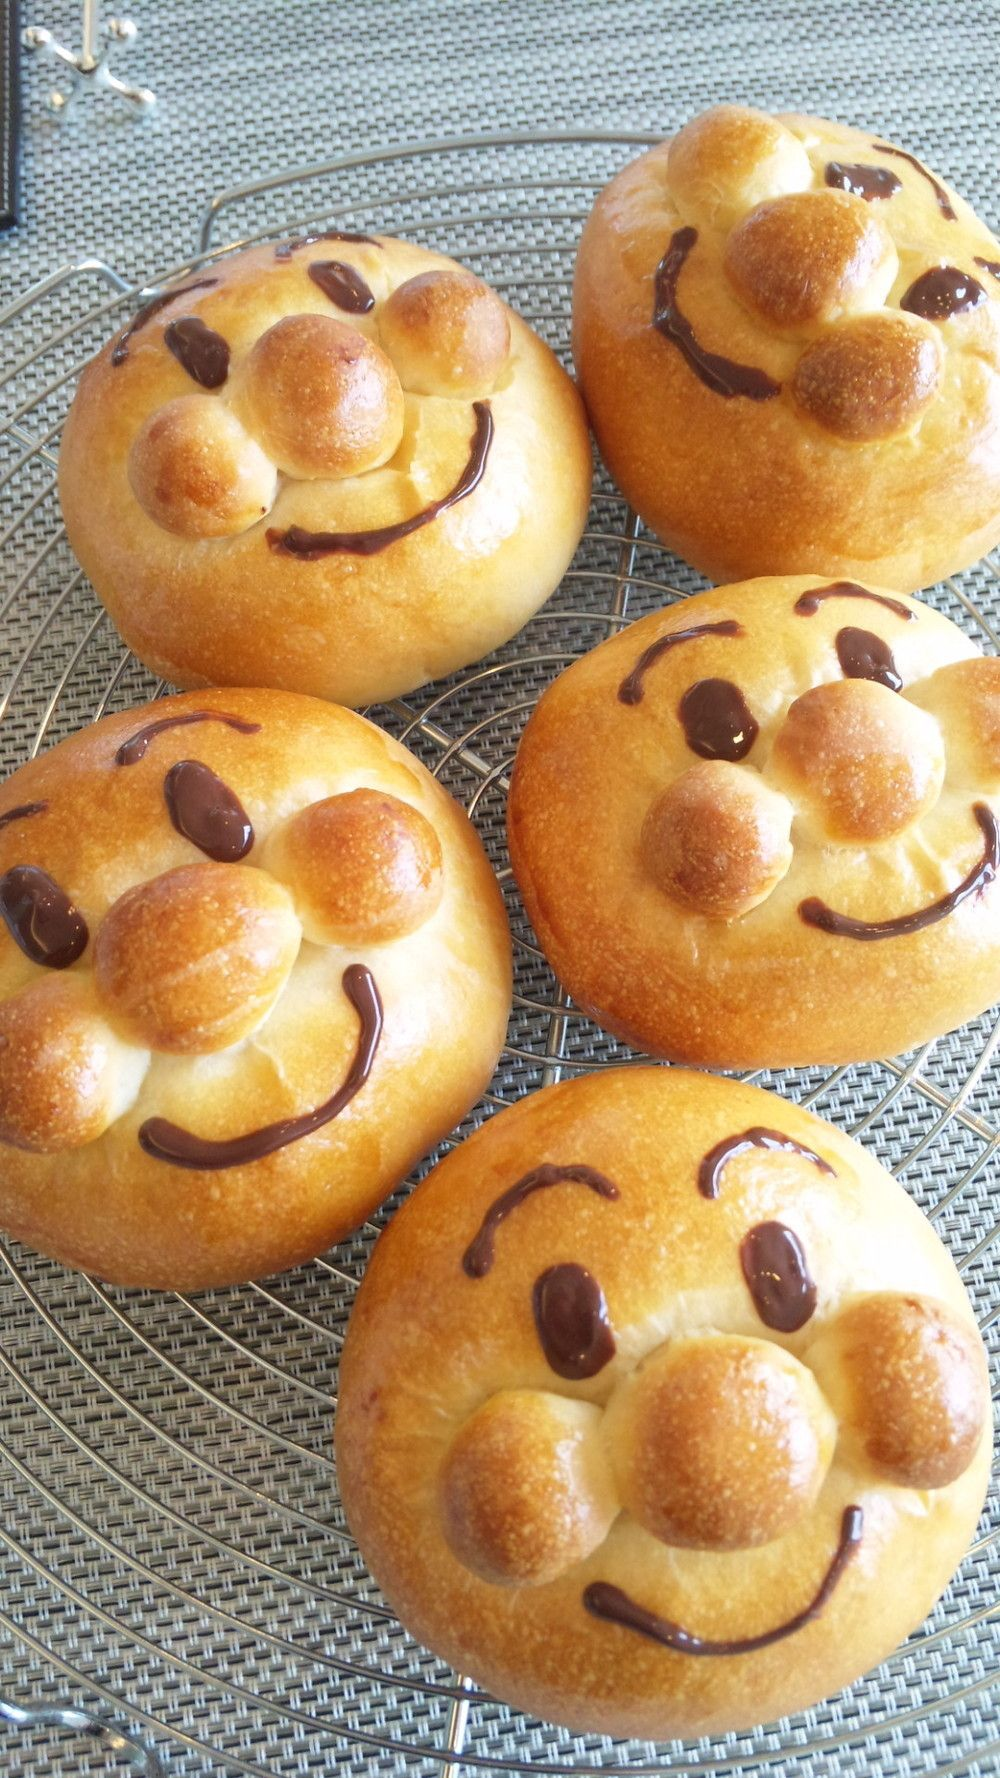 元気の源アンパンマンパン レシピ レシピ アンパンマン パン 簡単パンレシピ